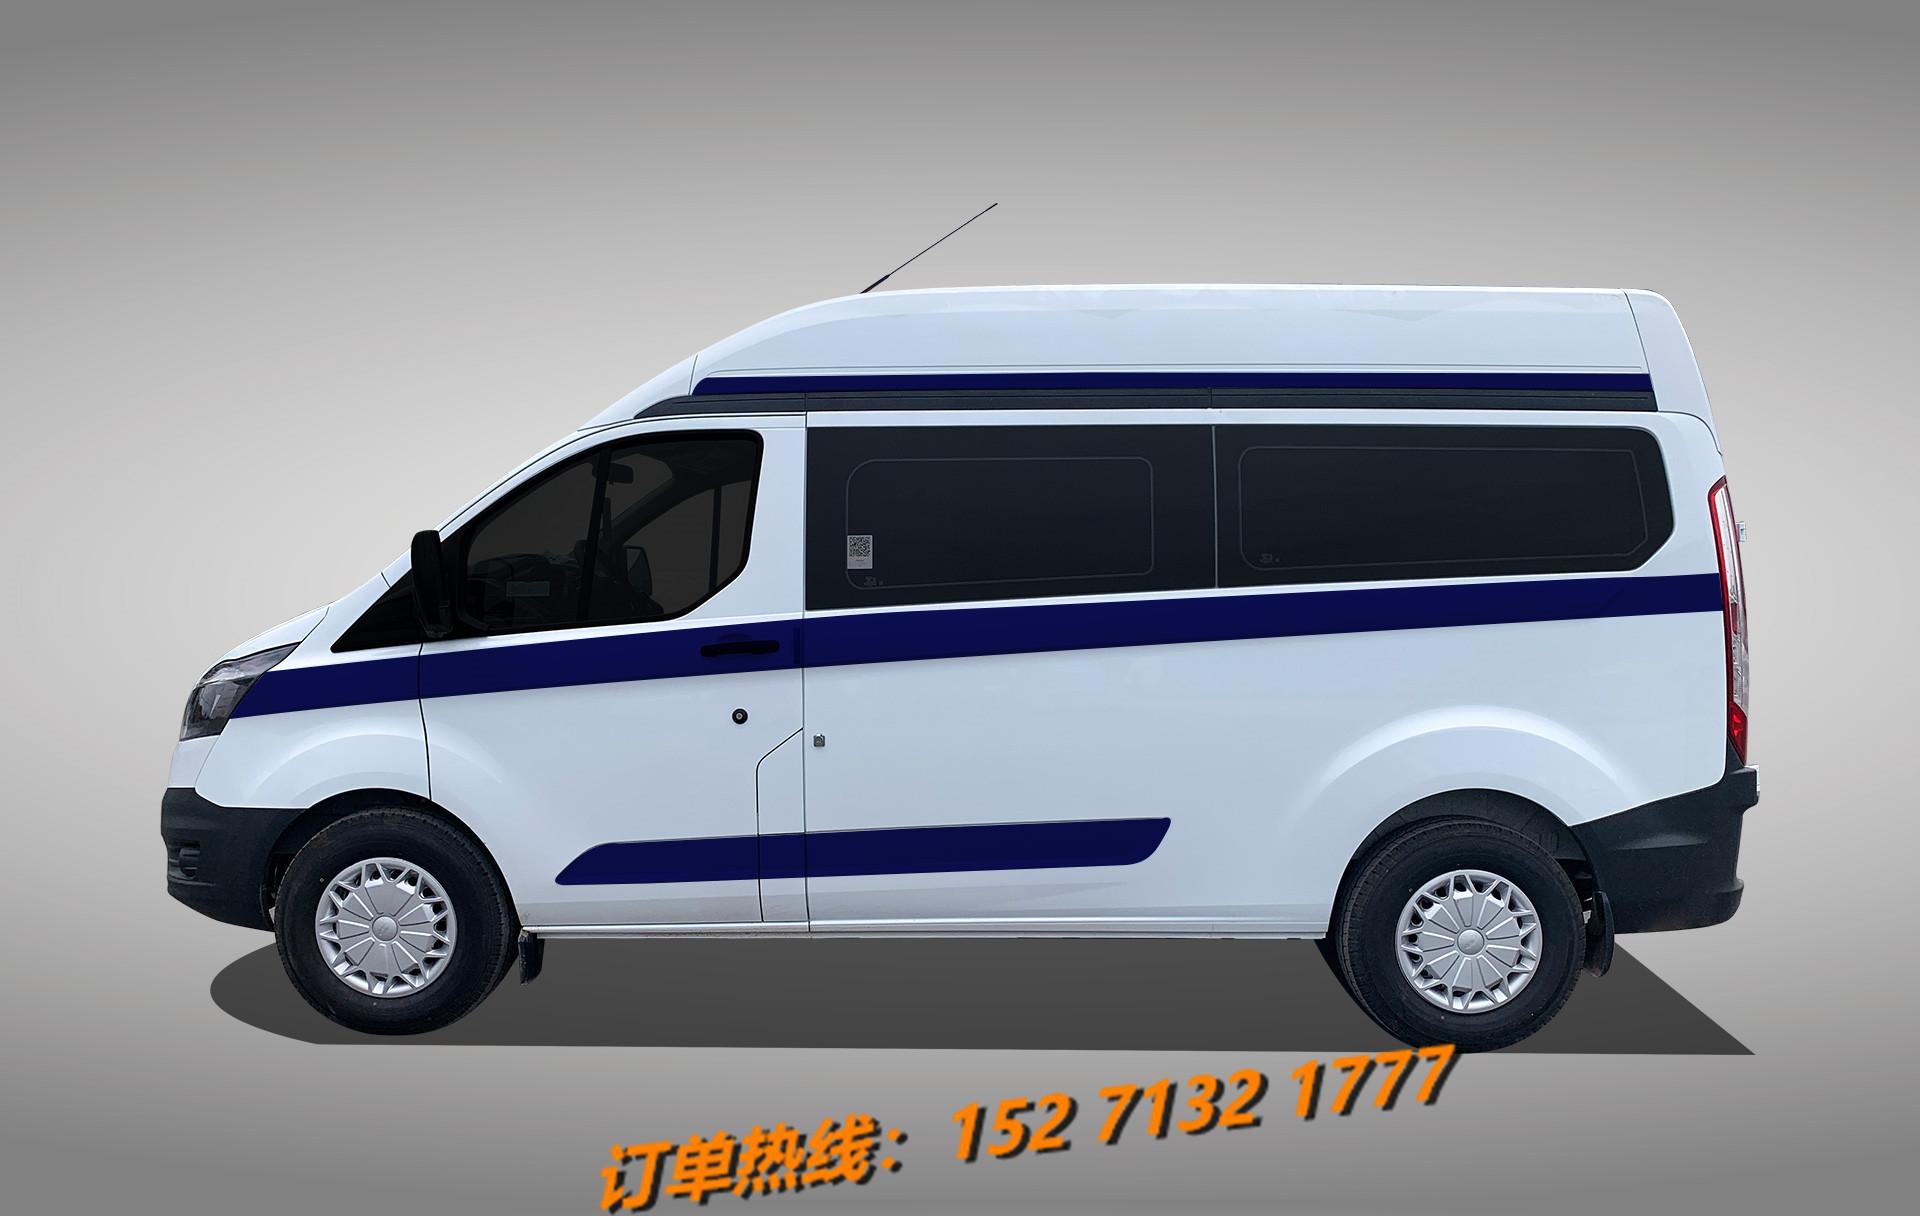 福特V362多功能检测车销售15271321777 (3)